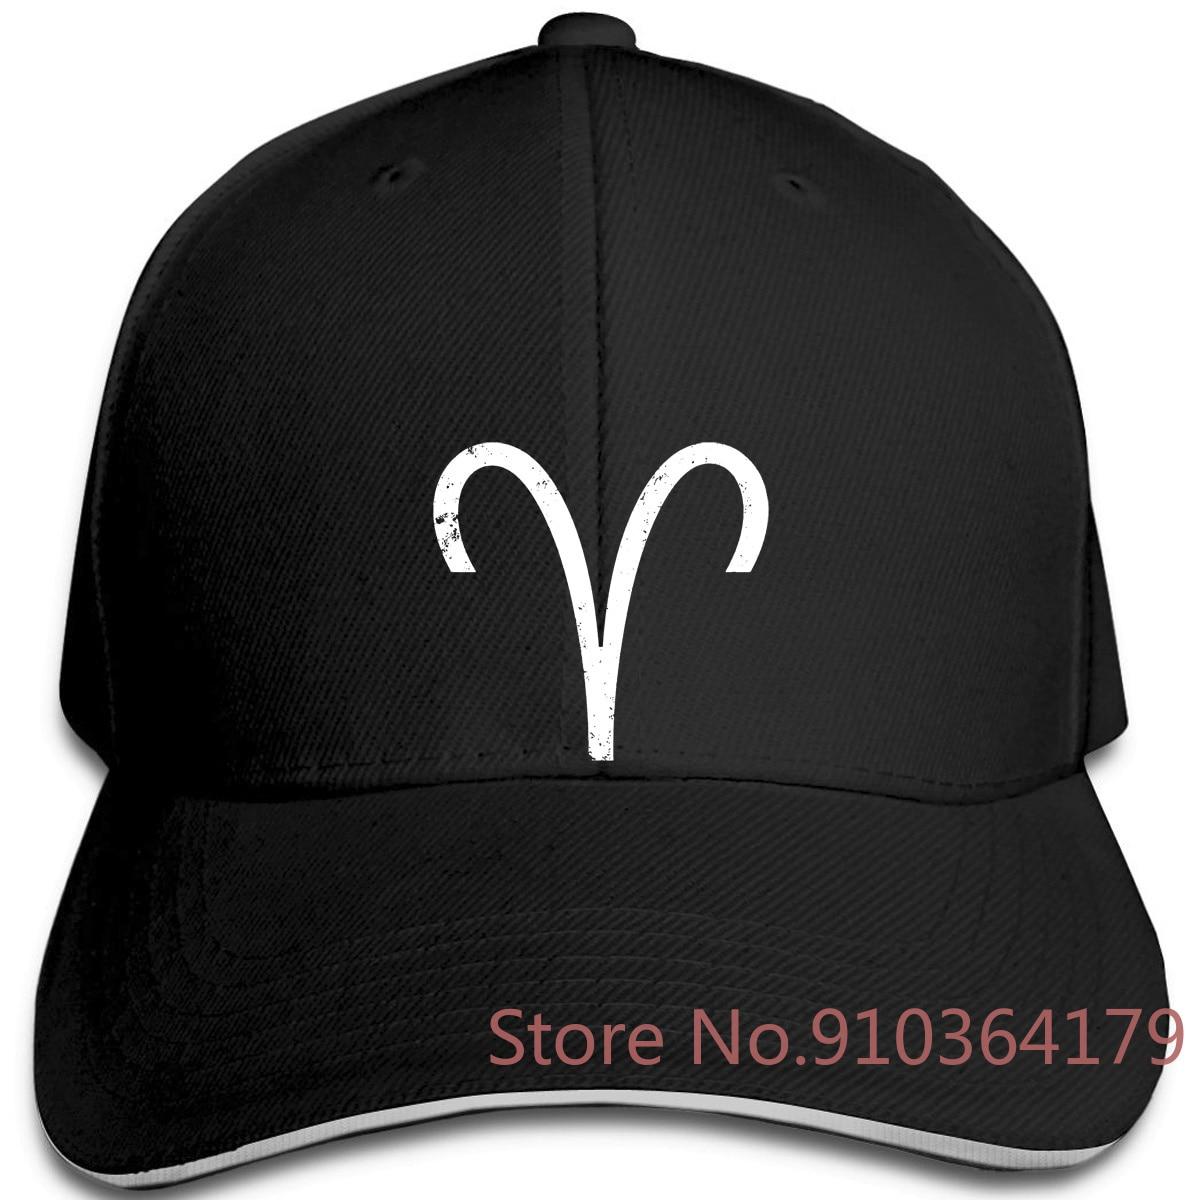 Знак зодиака ARIES Звездный знак астрология в китайском стиле Регулируемая Кепка s бейсбольная кепка для мужчин и женщин